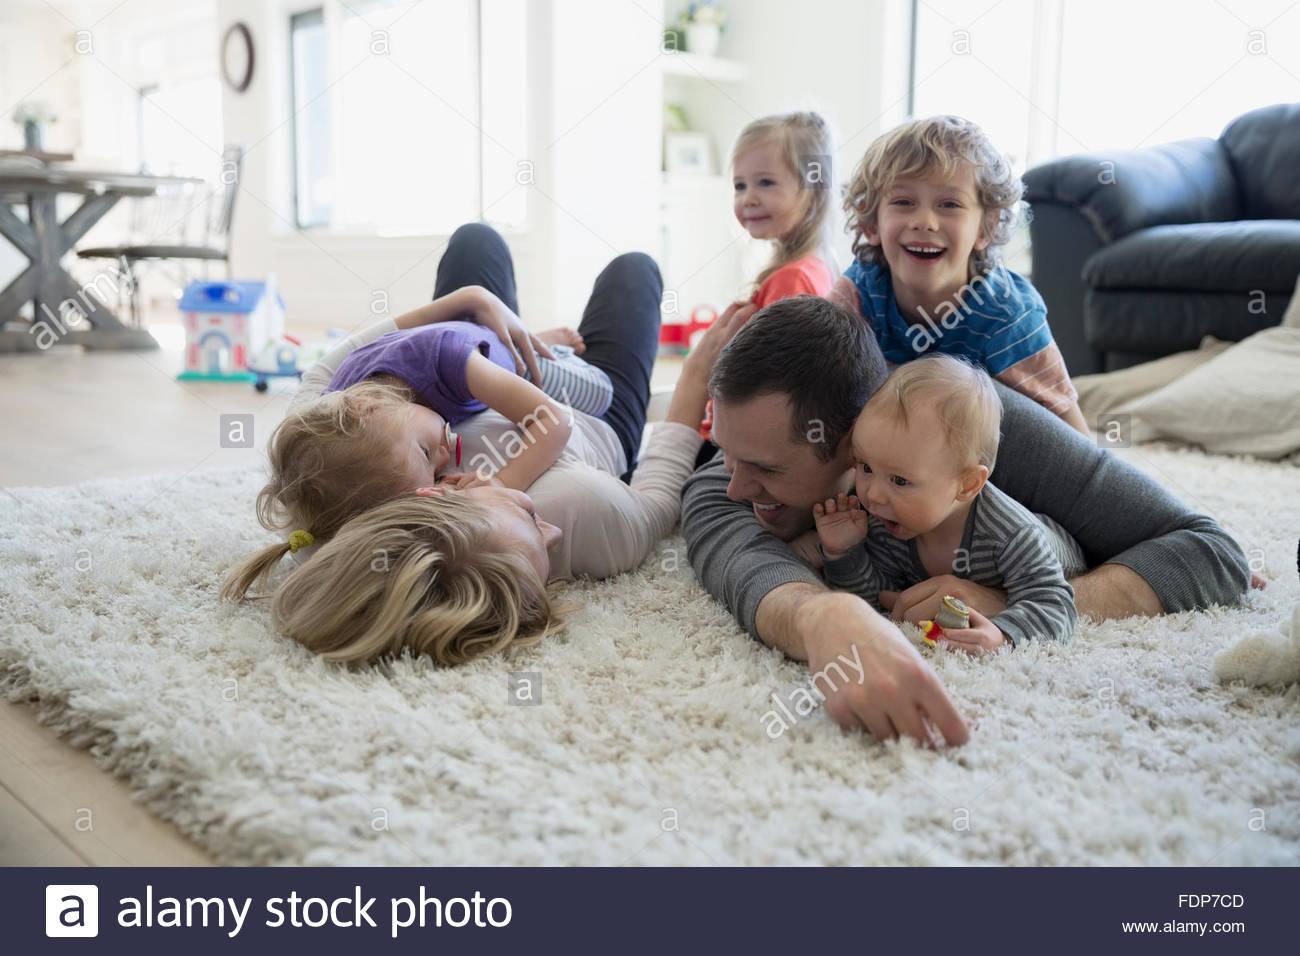 Colocación familiar y relajante en la zona de Shag rug Imagen De Stock